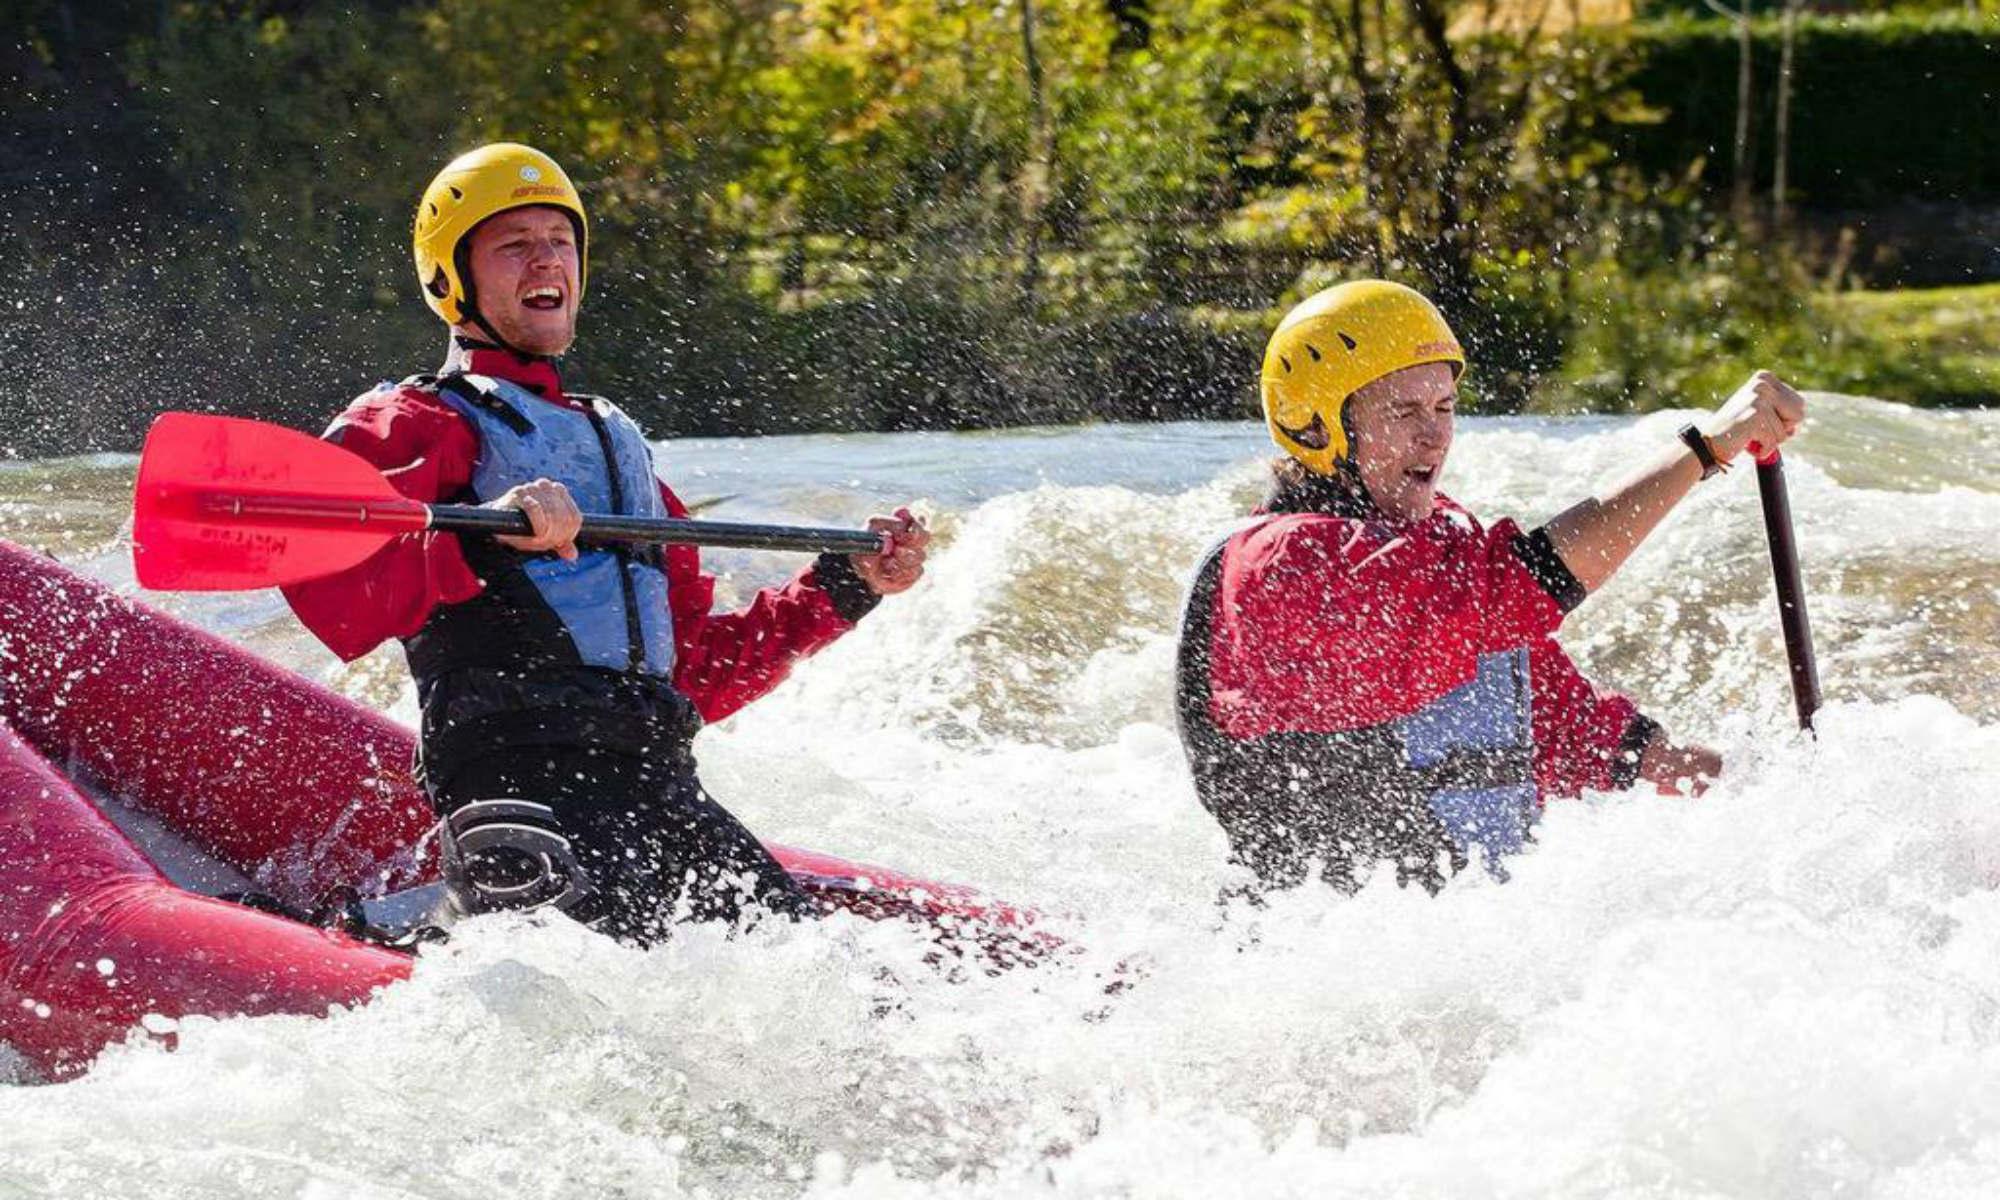 2 Personen beim Rafting in Deutschland auf der Isar.